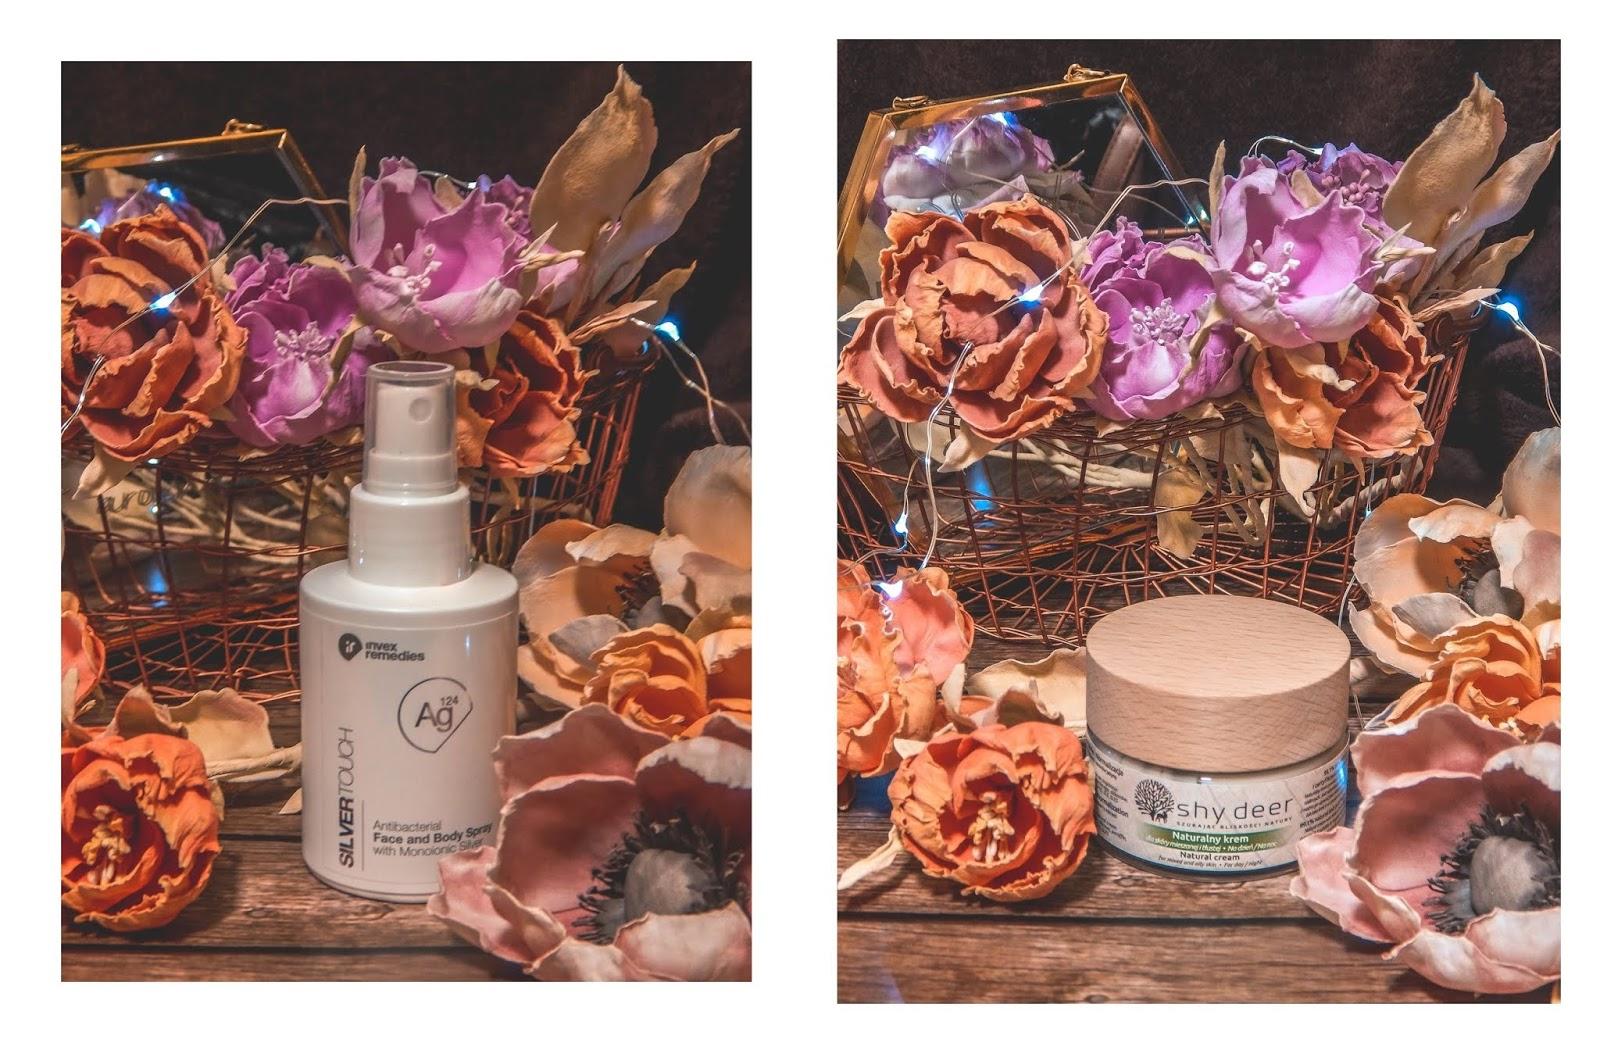 3a tonik resibo iossi peeling energetyczny ze srebrem aktywnym antybakteryjny do twarzy ciała shy deer krem do skóry mieszanej naturalne kosmetyki idealne na jesień pielęgnacja rezencja opinie cena